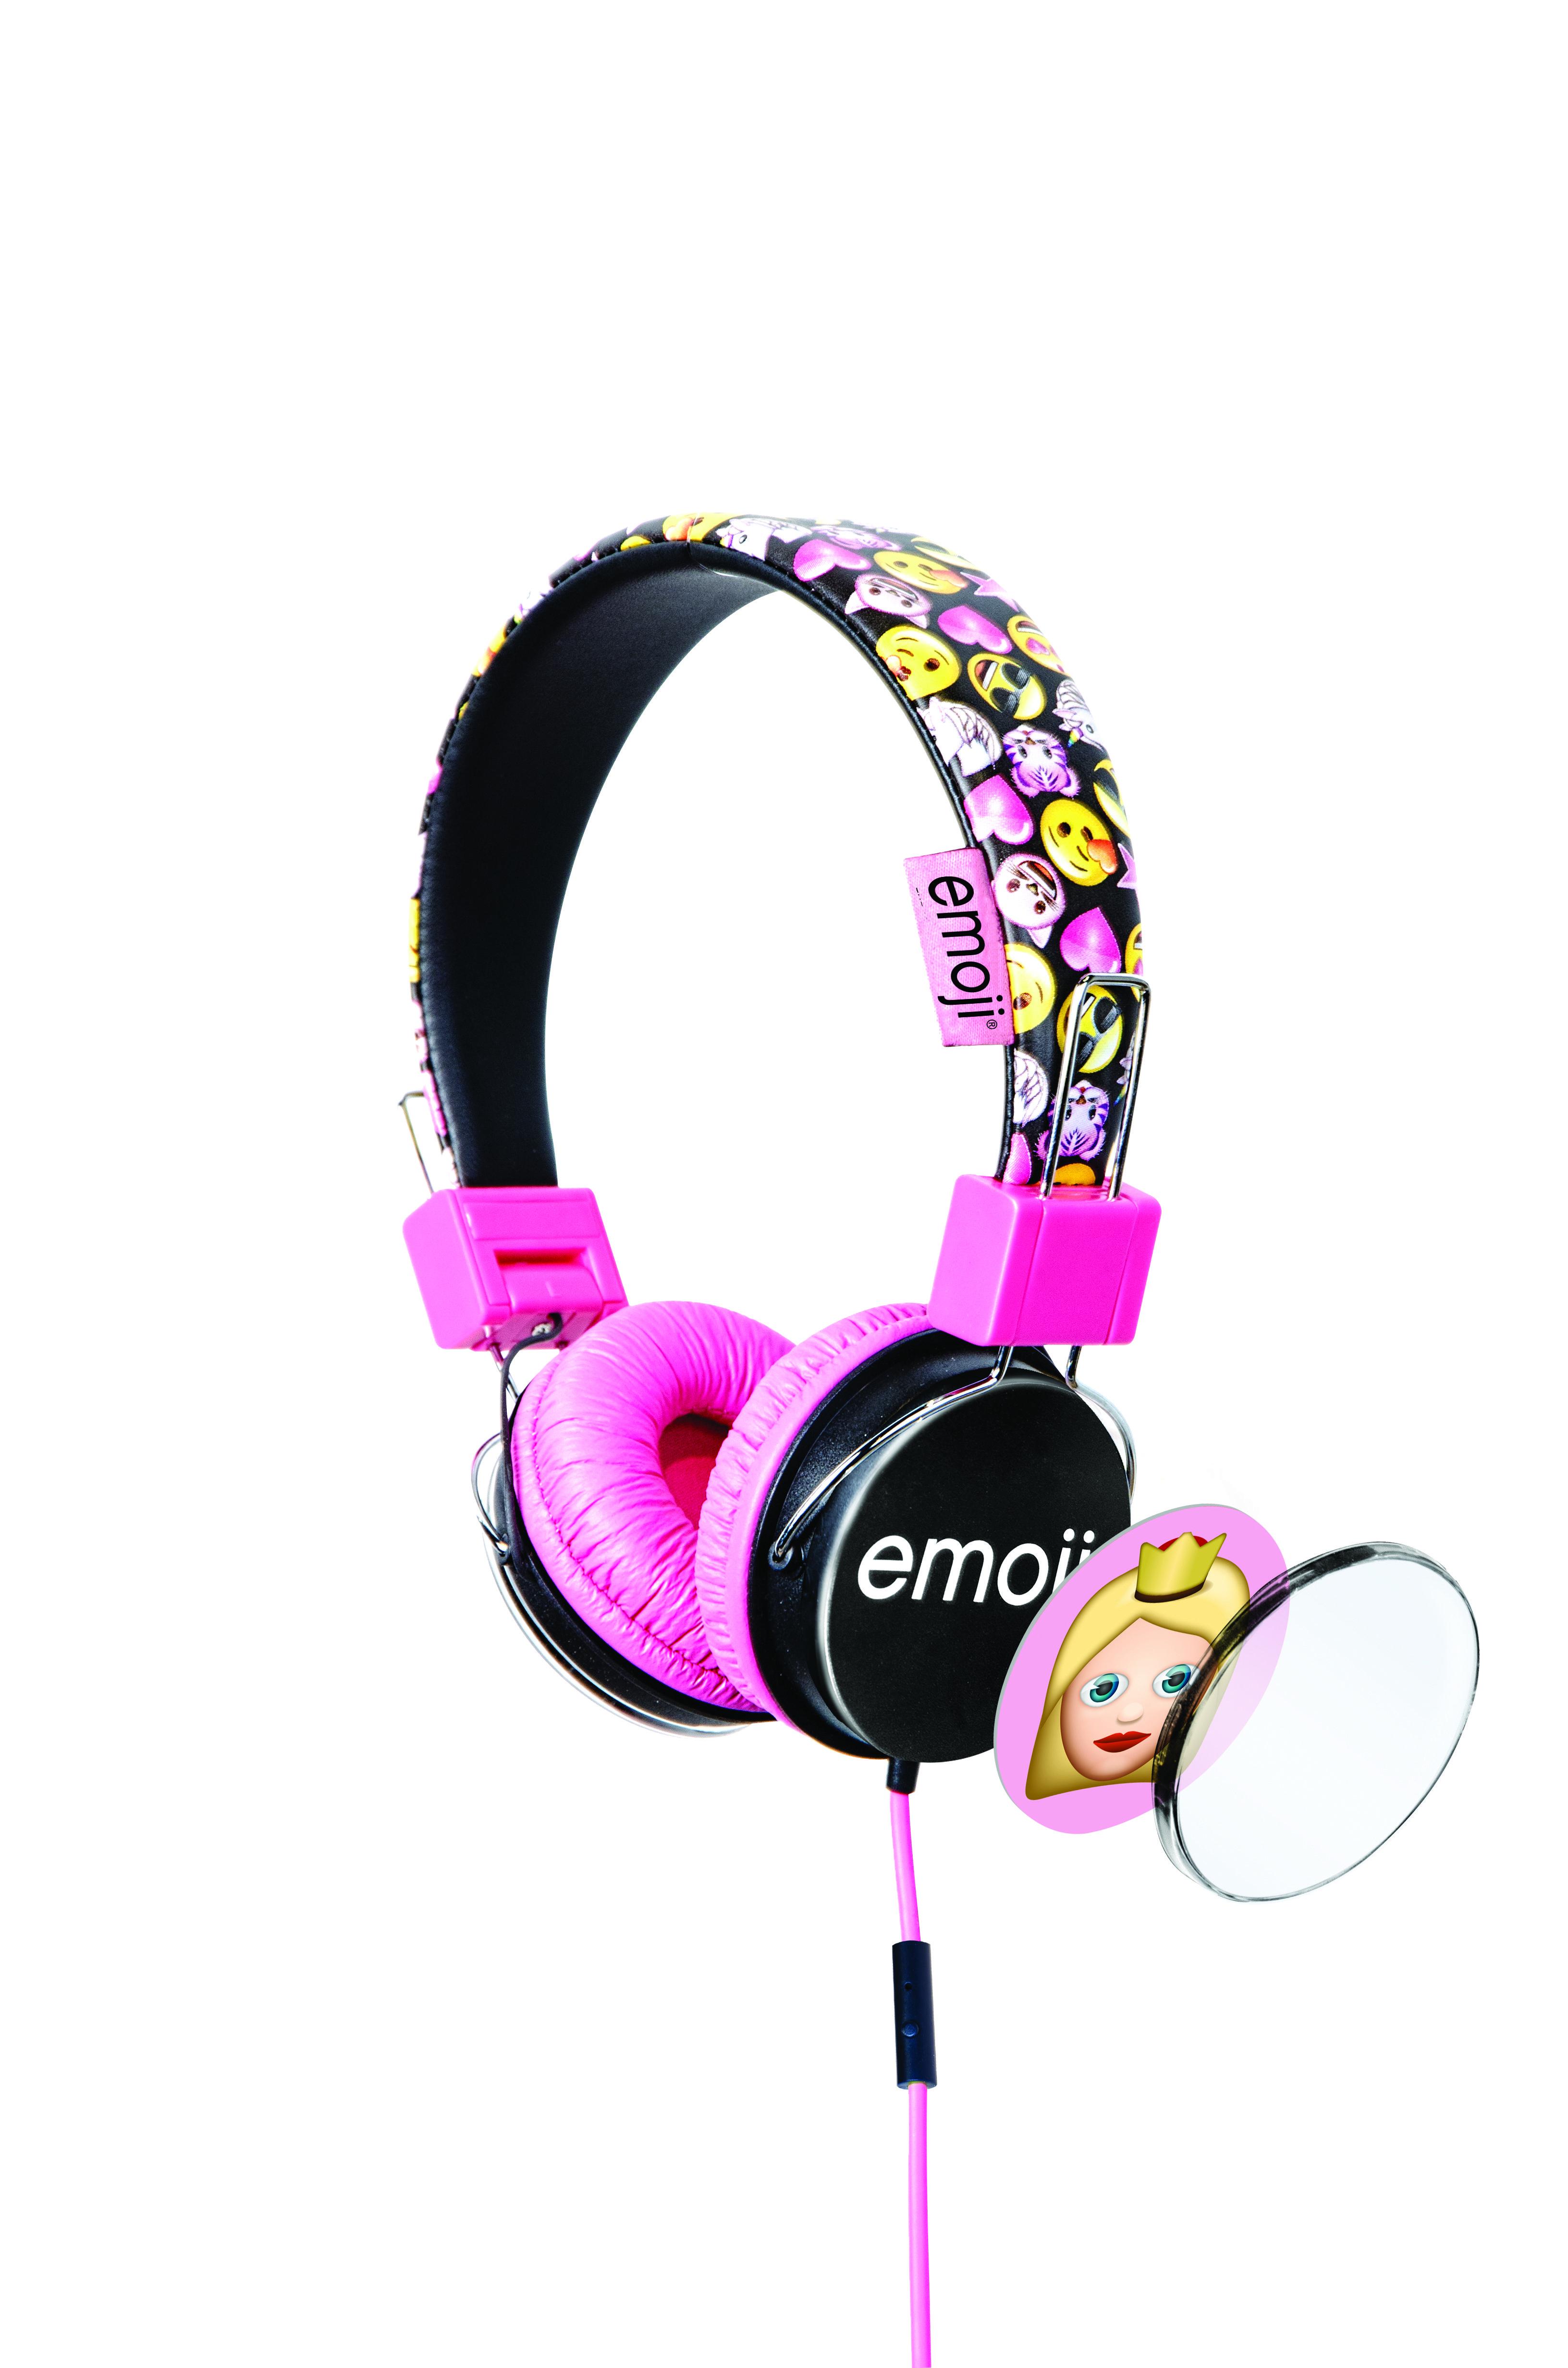 Emoji Flip N Switch Headphones - Pink Image